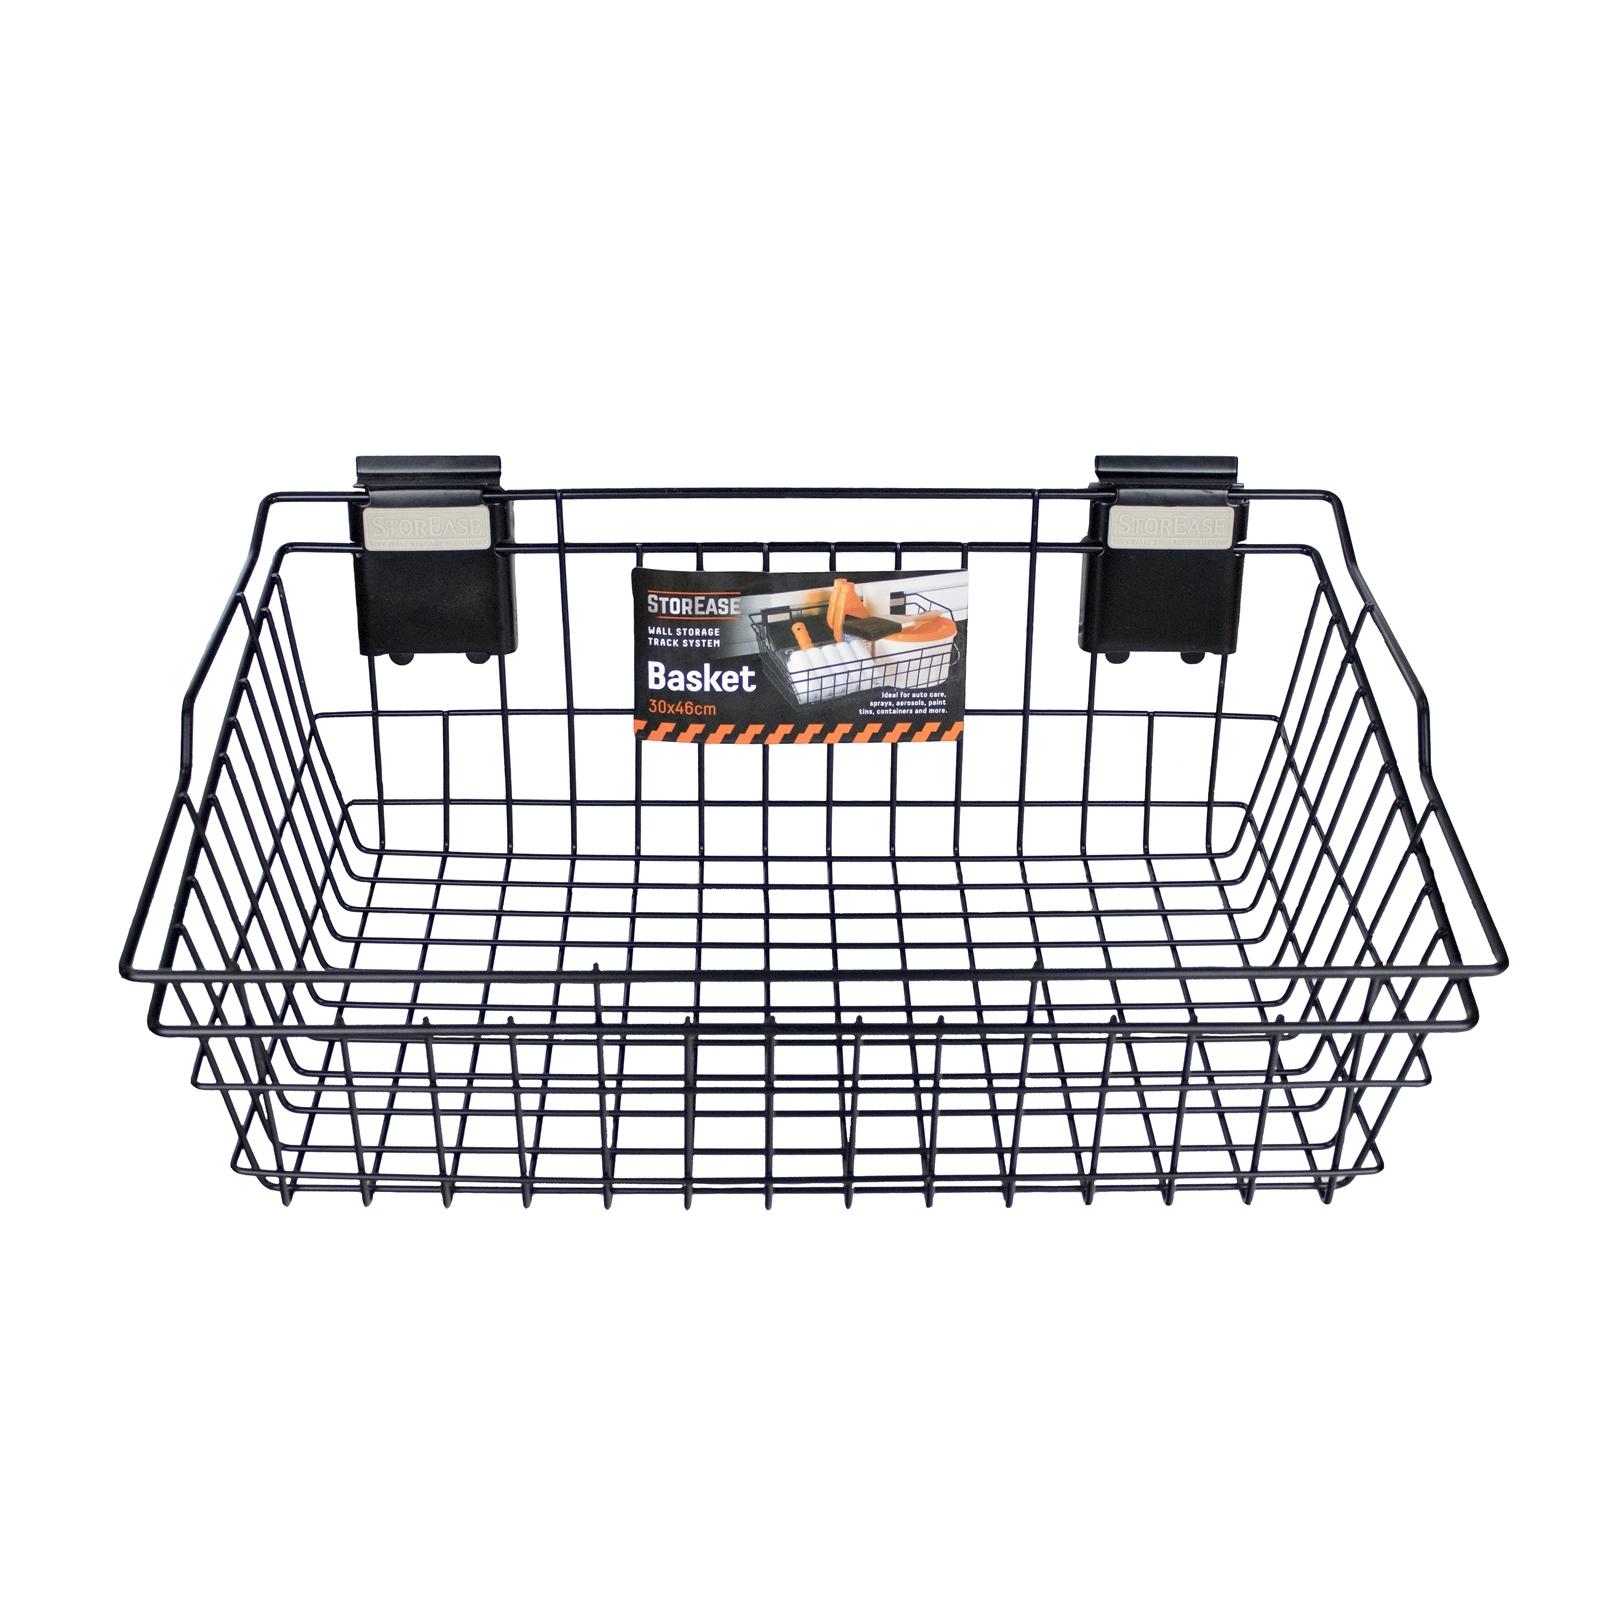 StorEase 30cm x 46cm Garage Wall Storage Basket